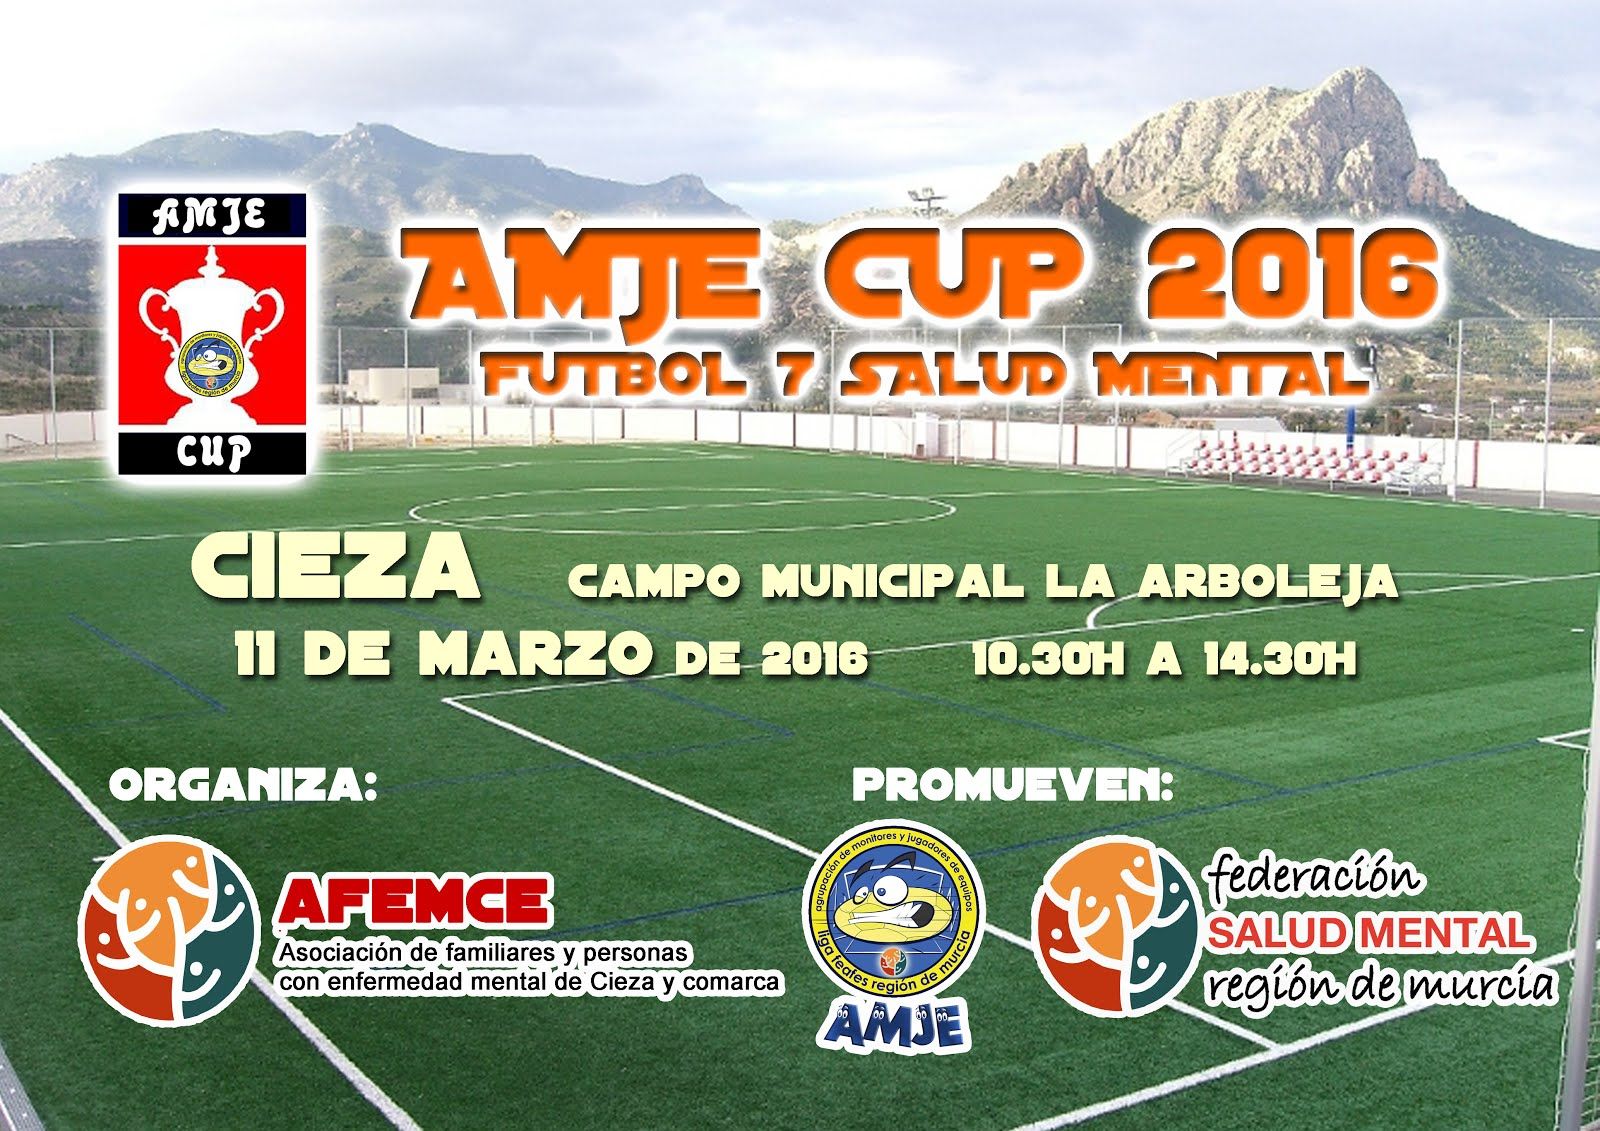 CARTEL DE LA AMJE CUP 2016